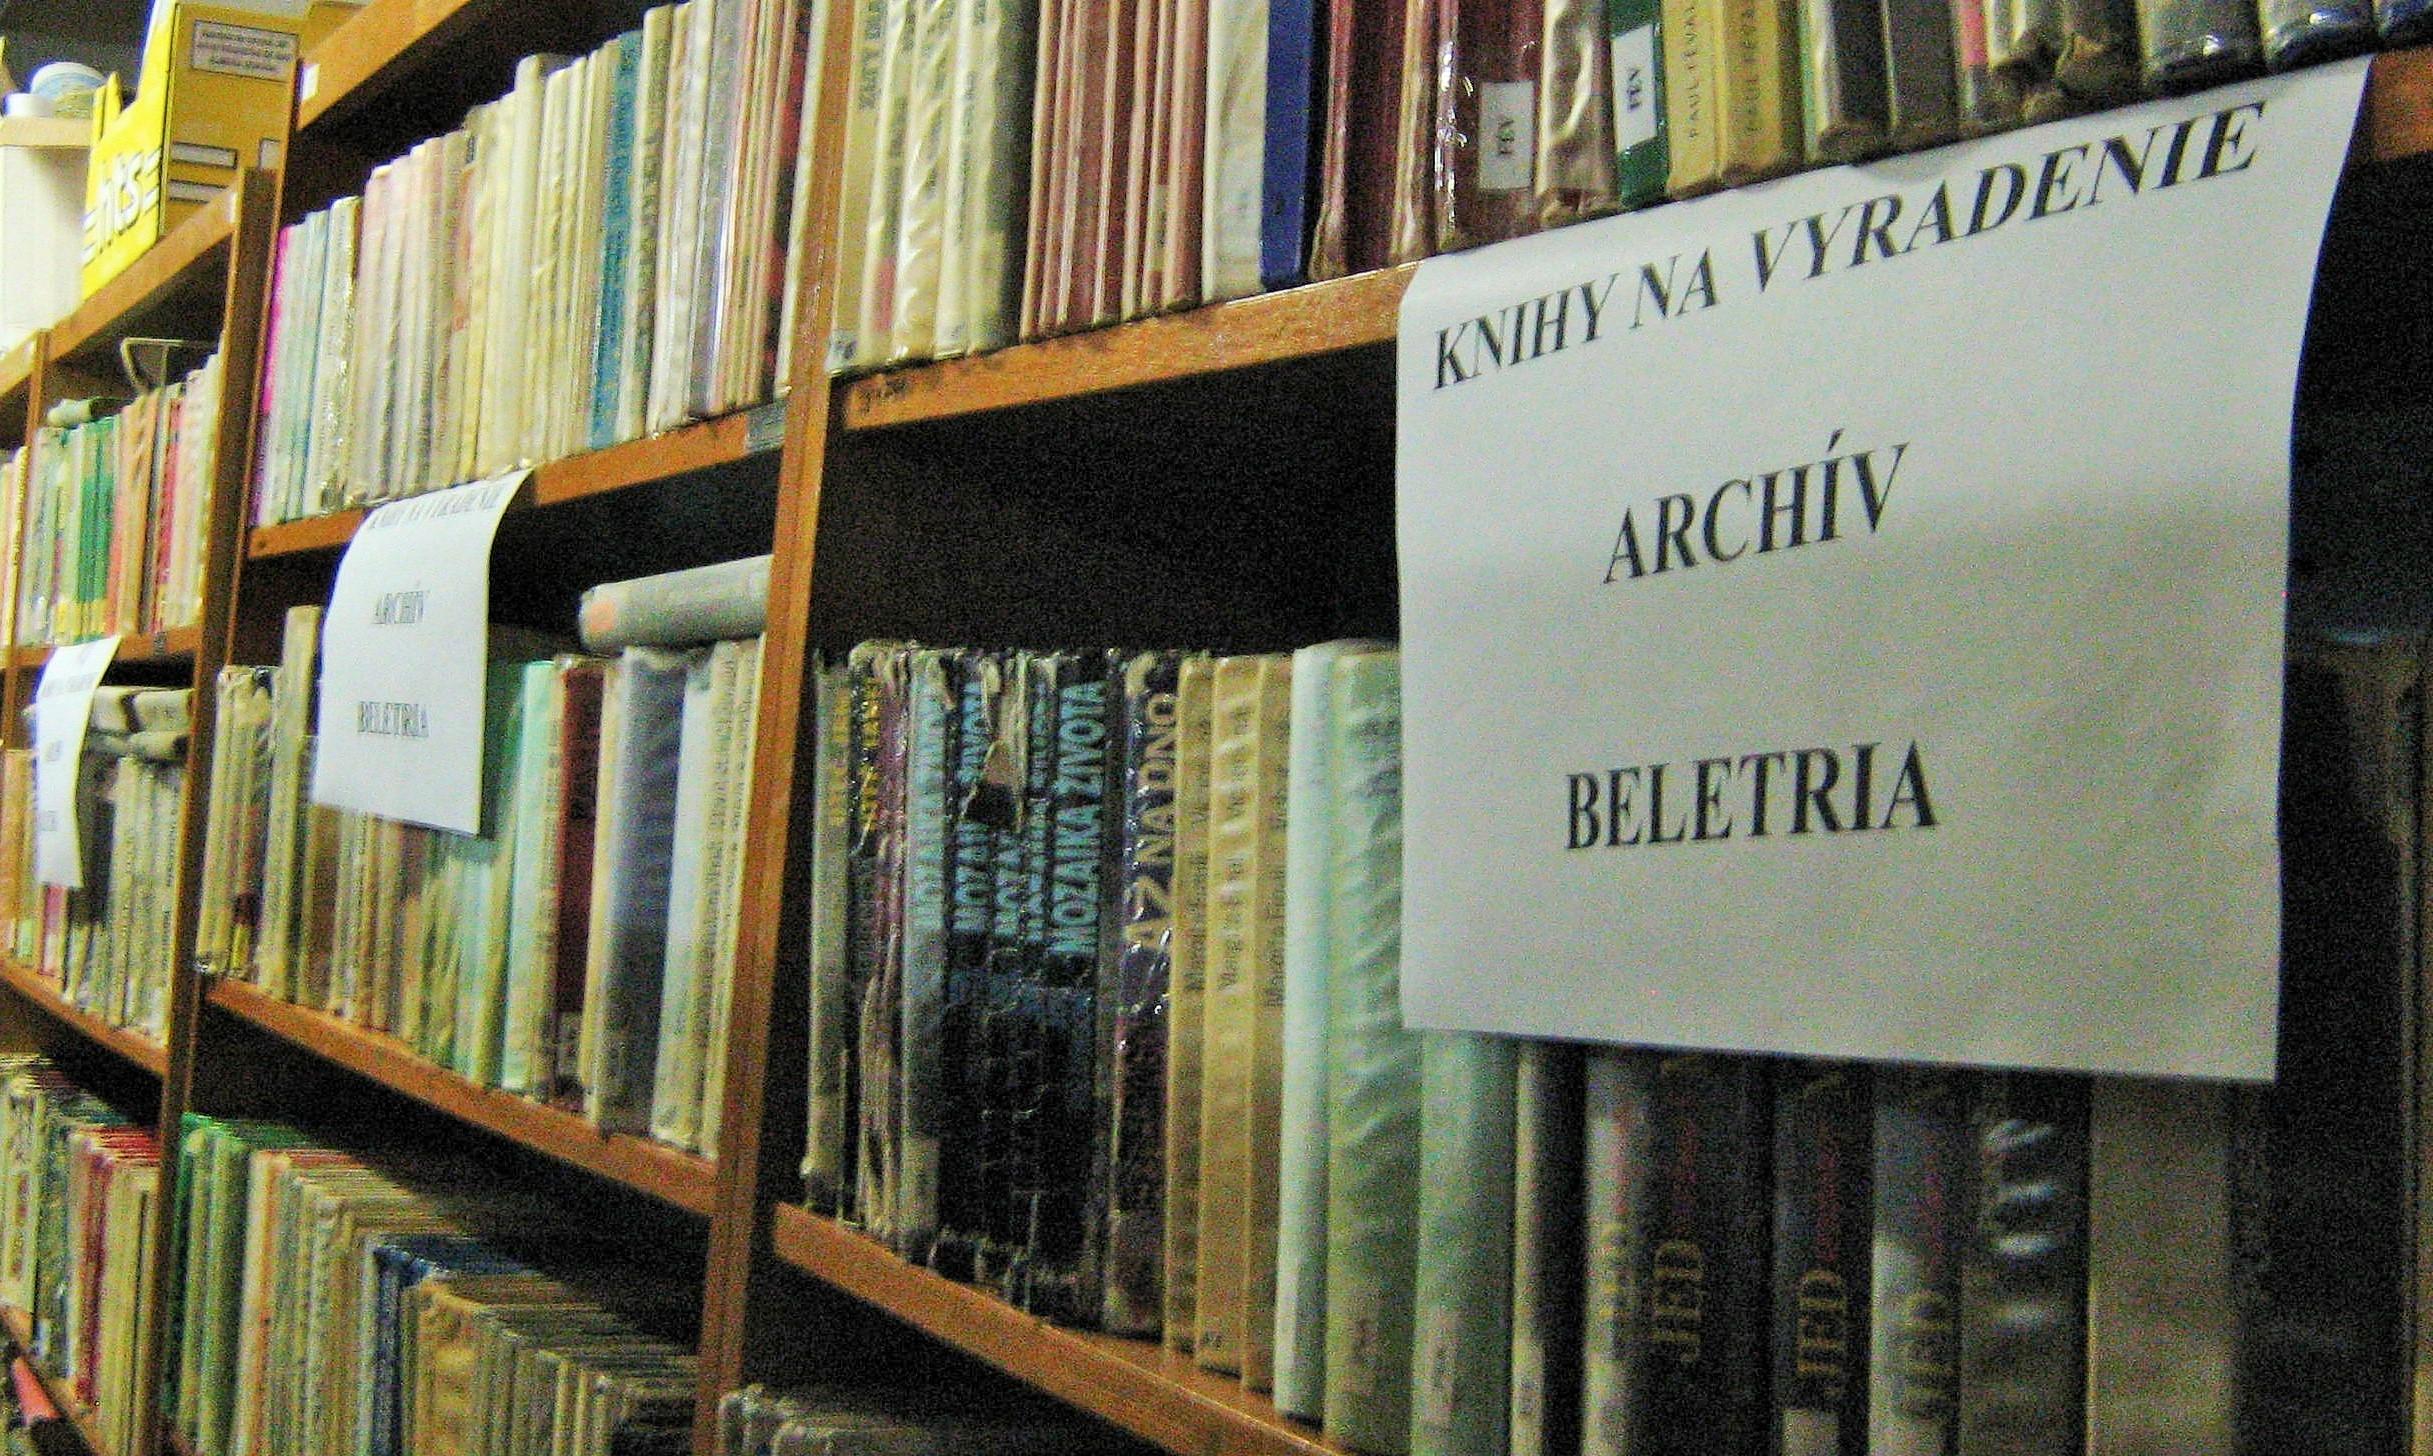 Archív Krajskej knižnice